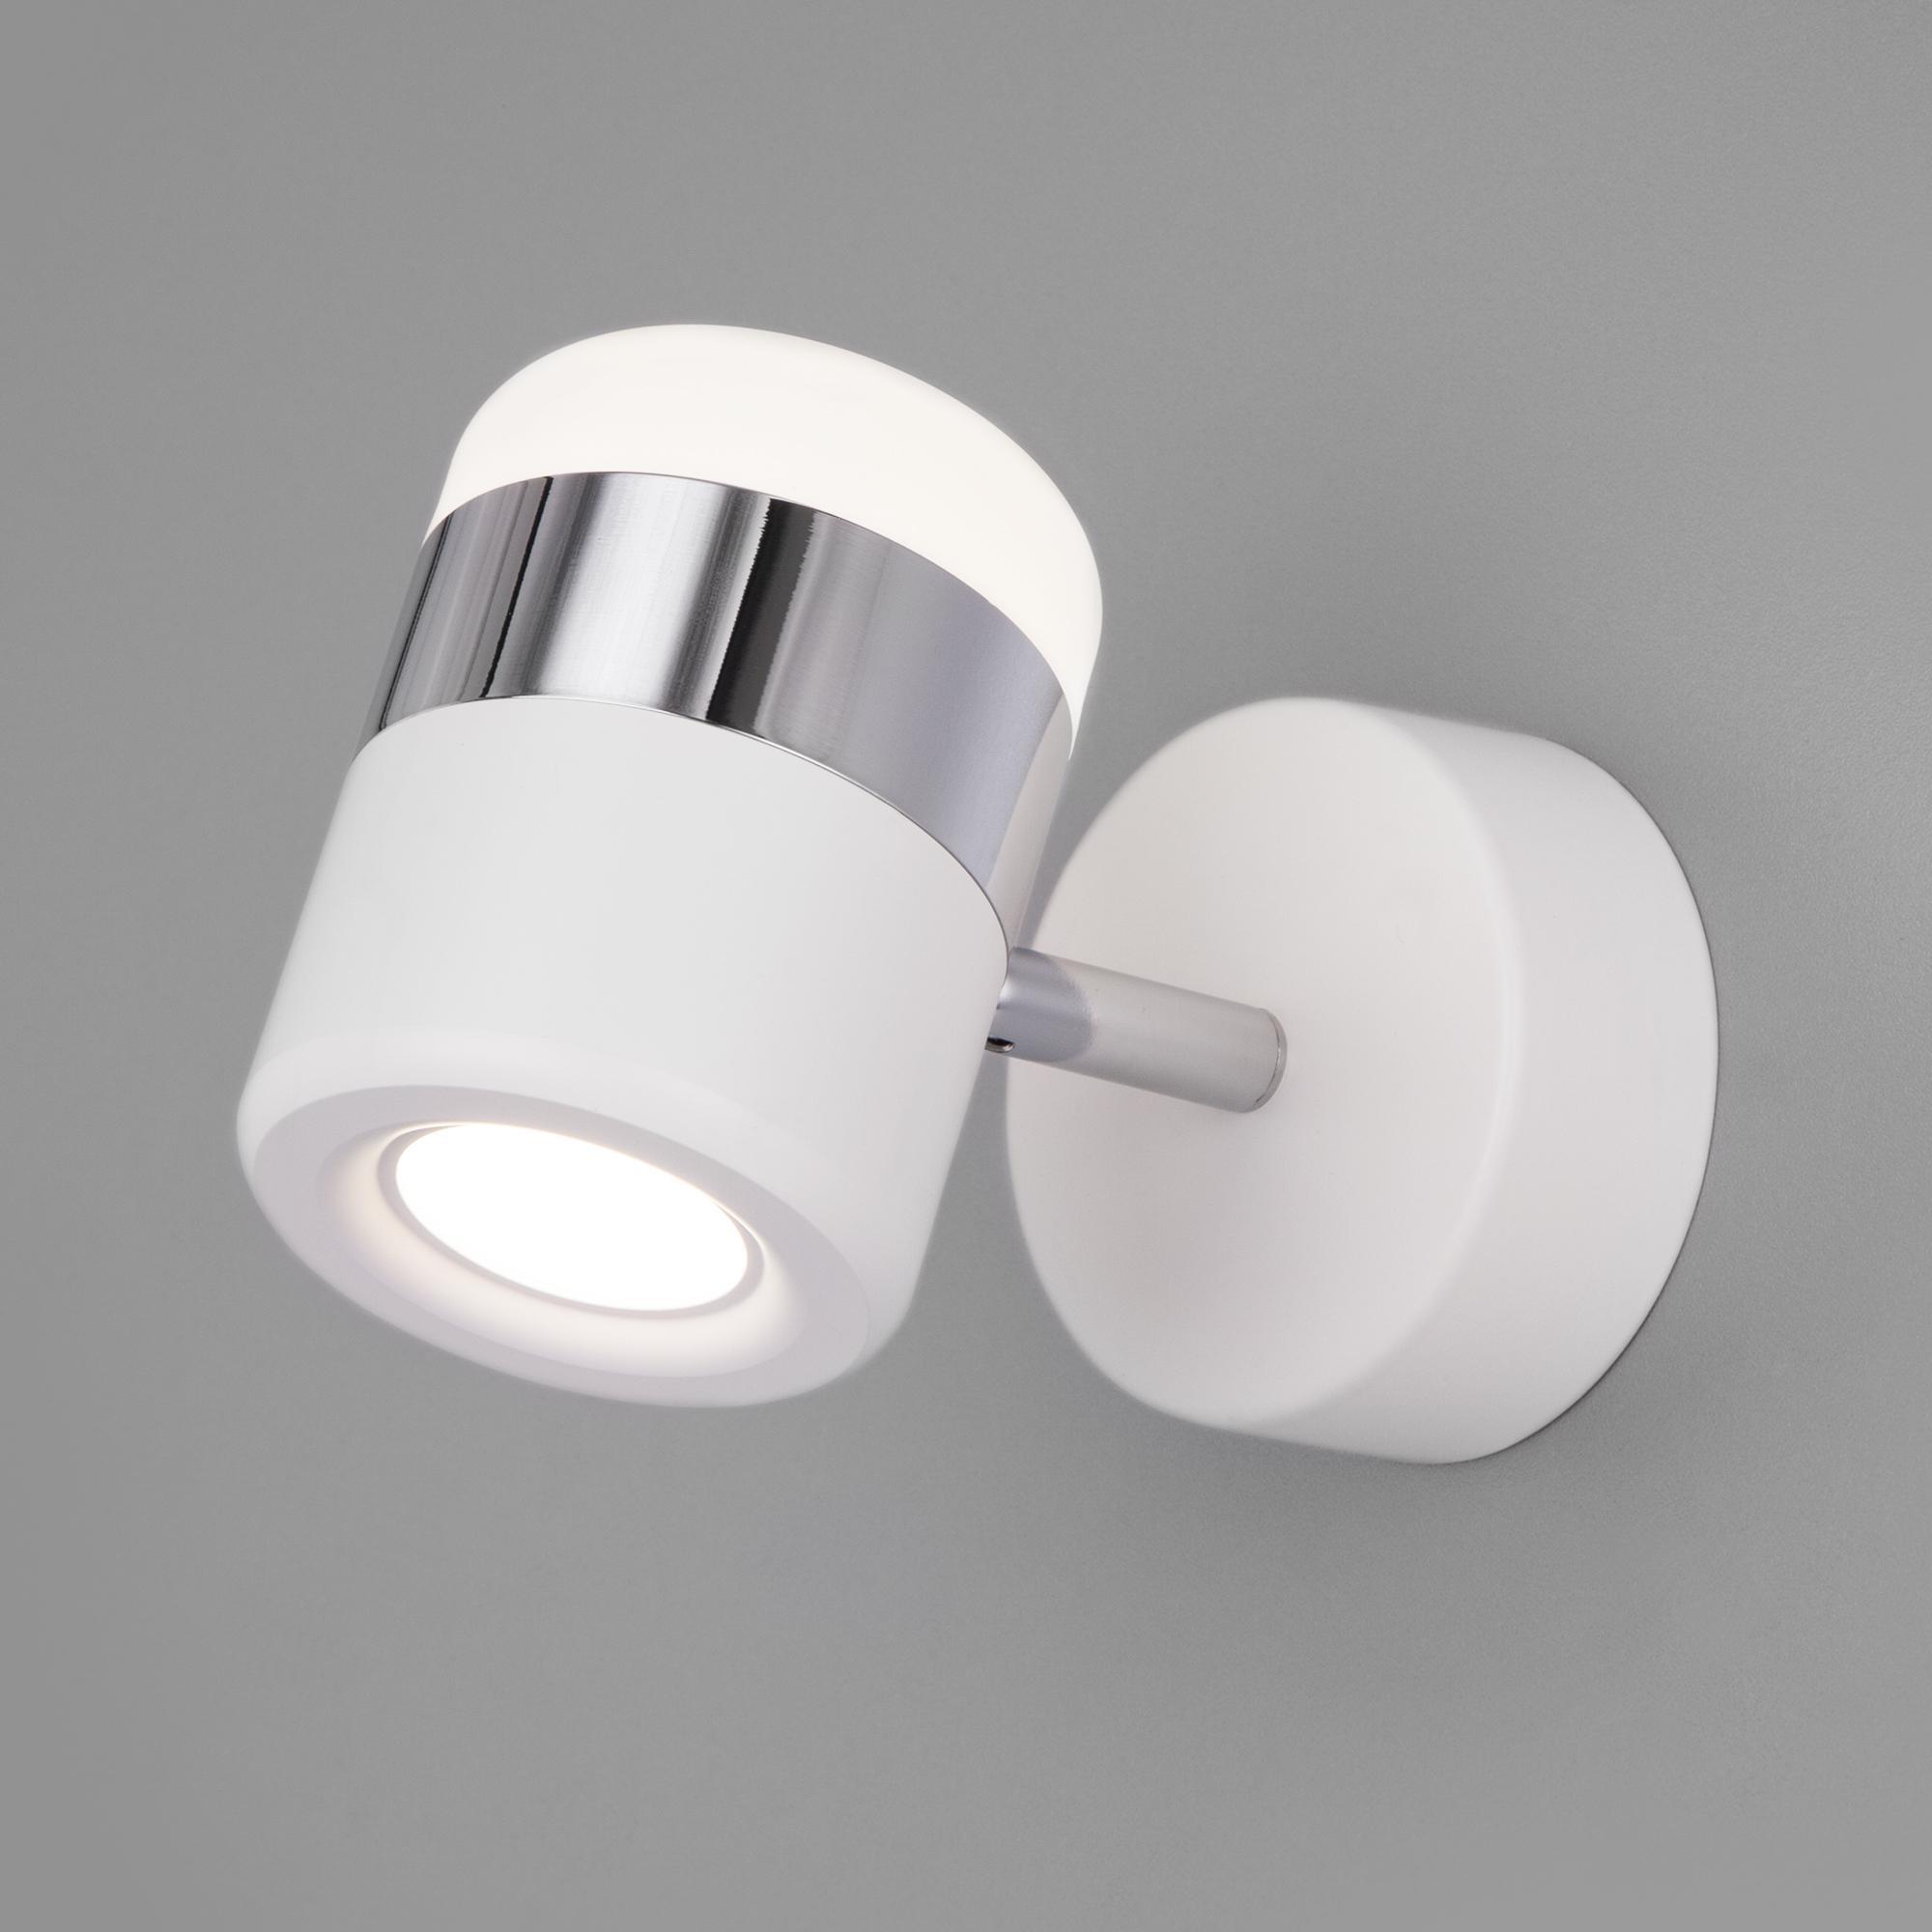 20165/1 LED хром/белый